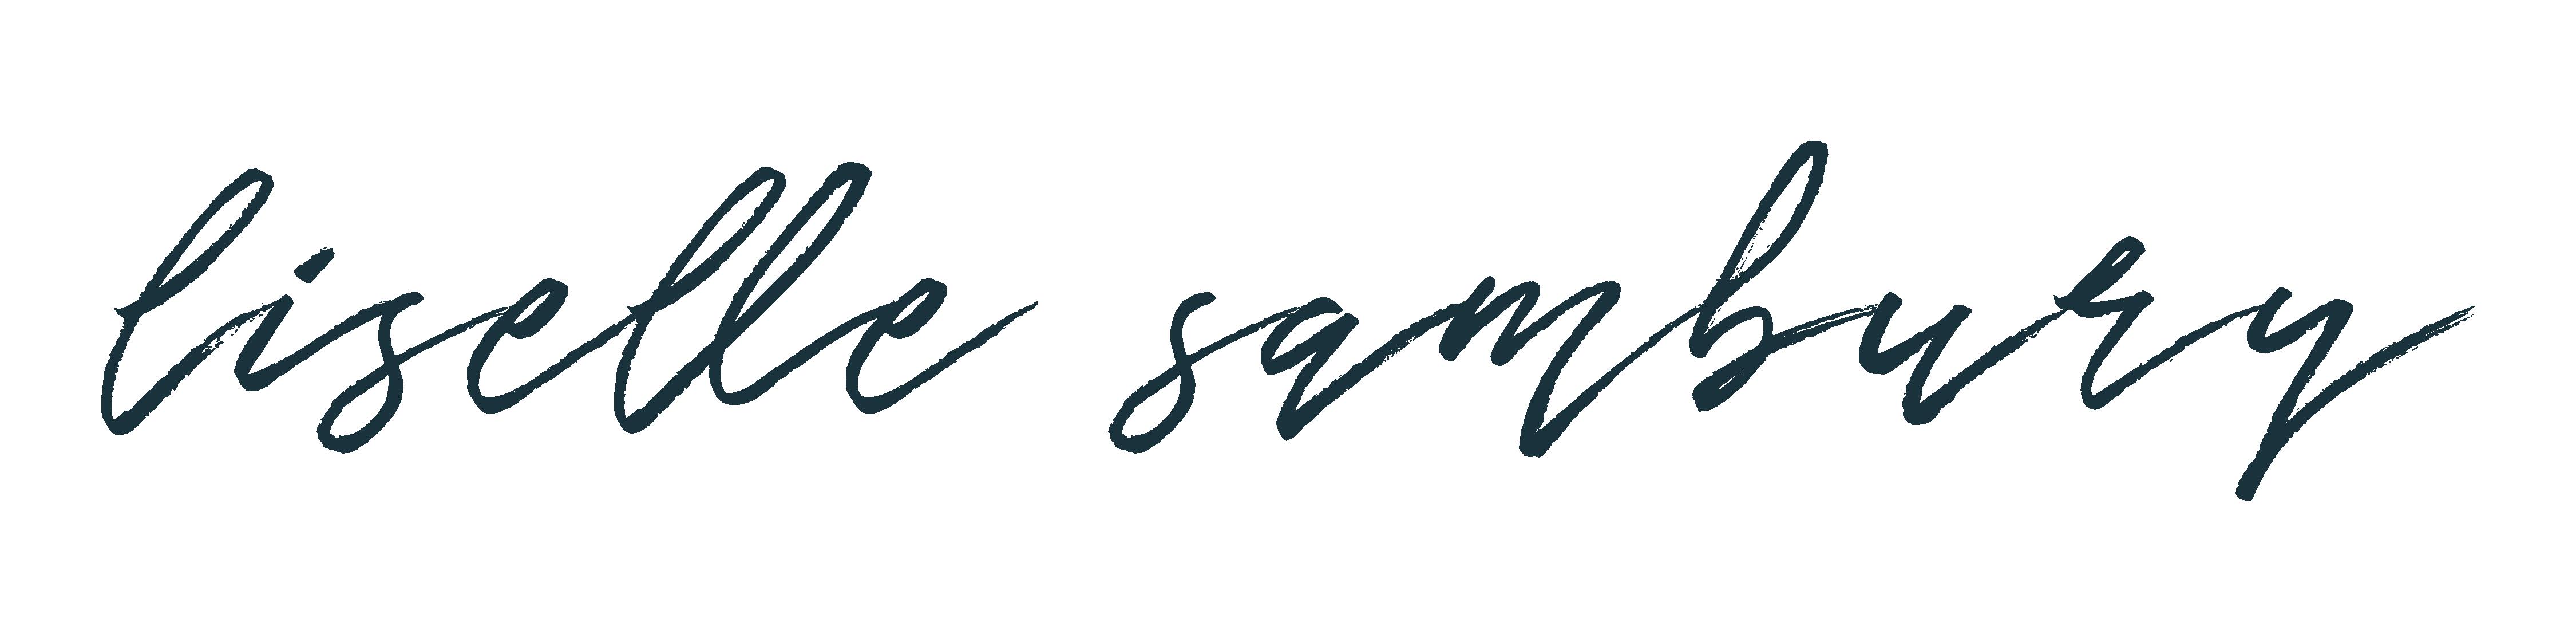 liselle sambury Logo - no subtitle